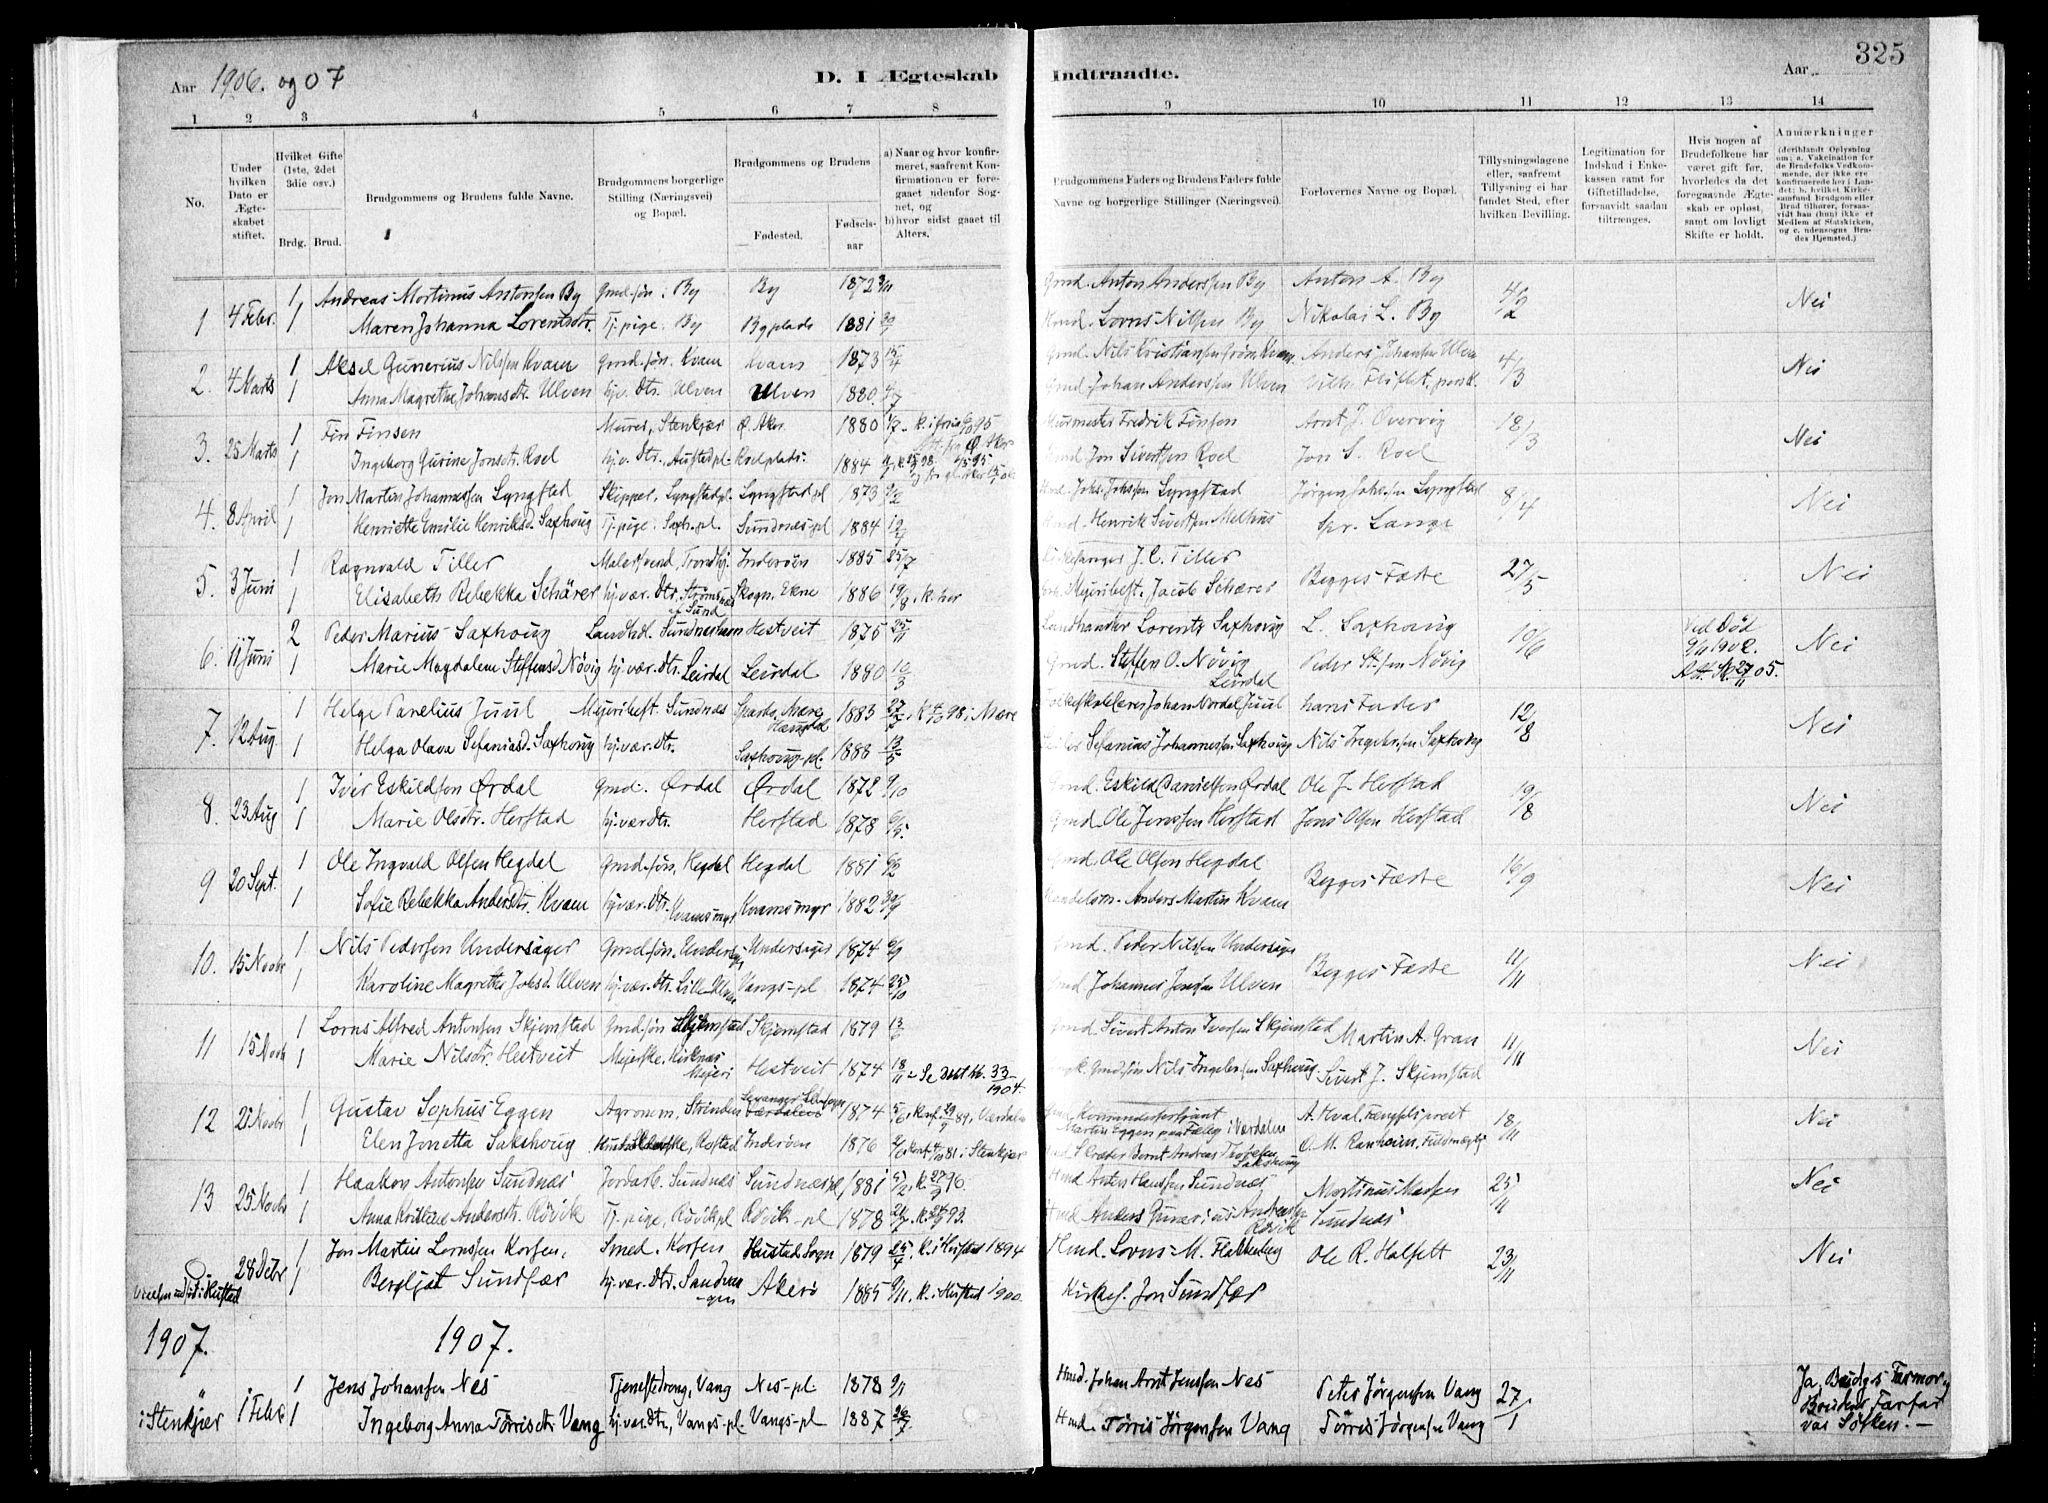 SAT, Ministerialprotokoller, klokkerbøker og fødselsregistre - Nord-Trøndelag, 730/L0285: Ministerialbok nr. 730A10, 1879-1914, s. 325